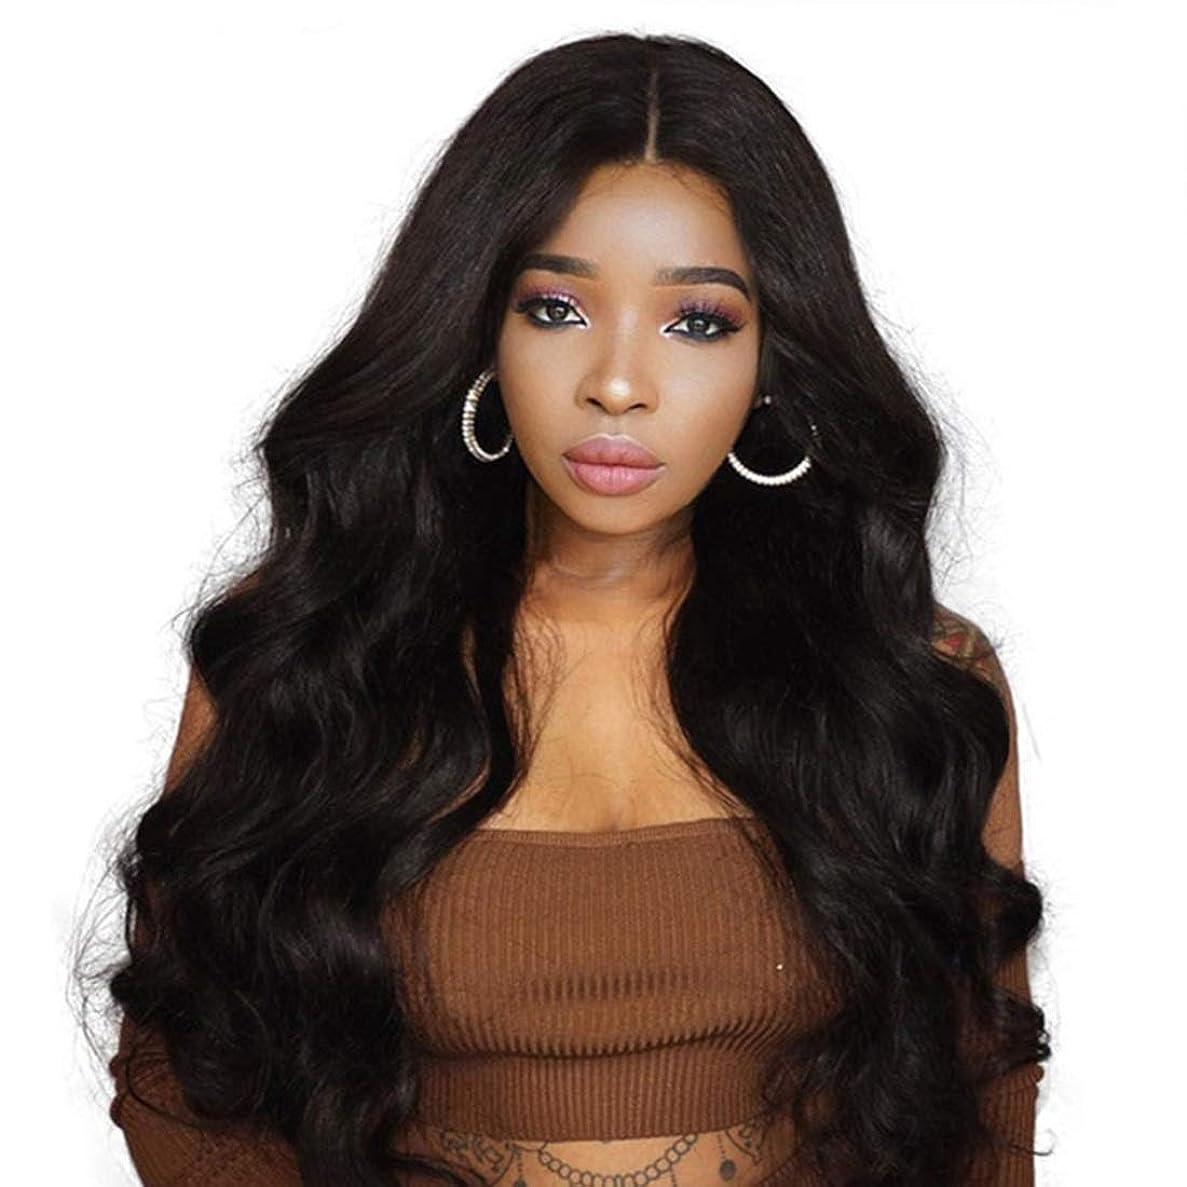 補償メロディーセラフSummerys 黒人女性のための長い波状の合成かつらカーリー合成かつら